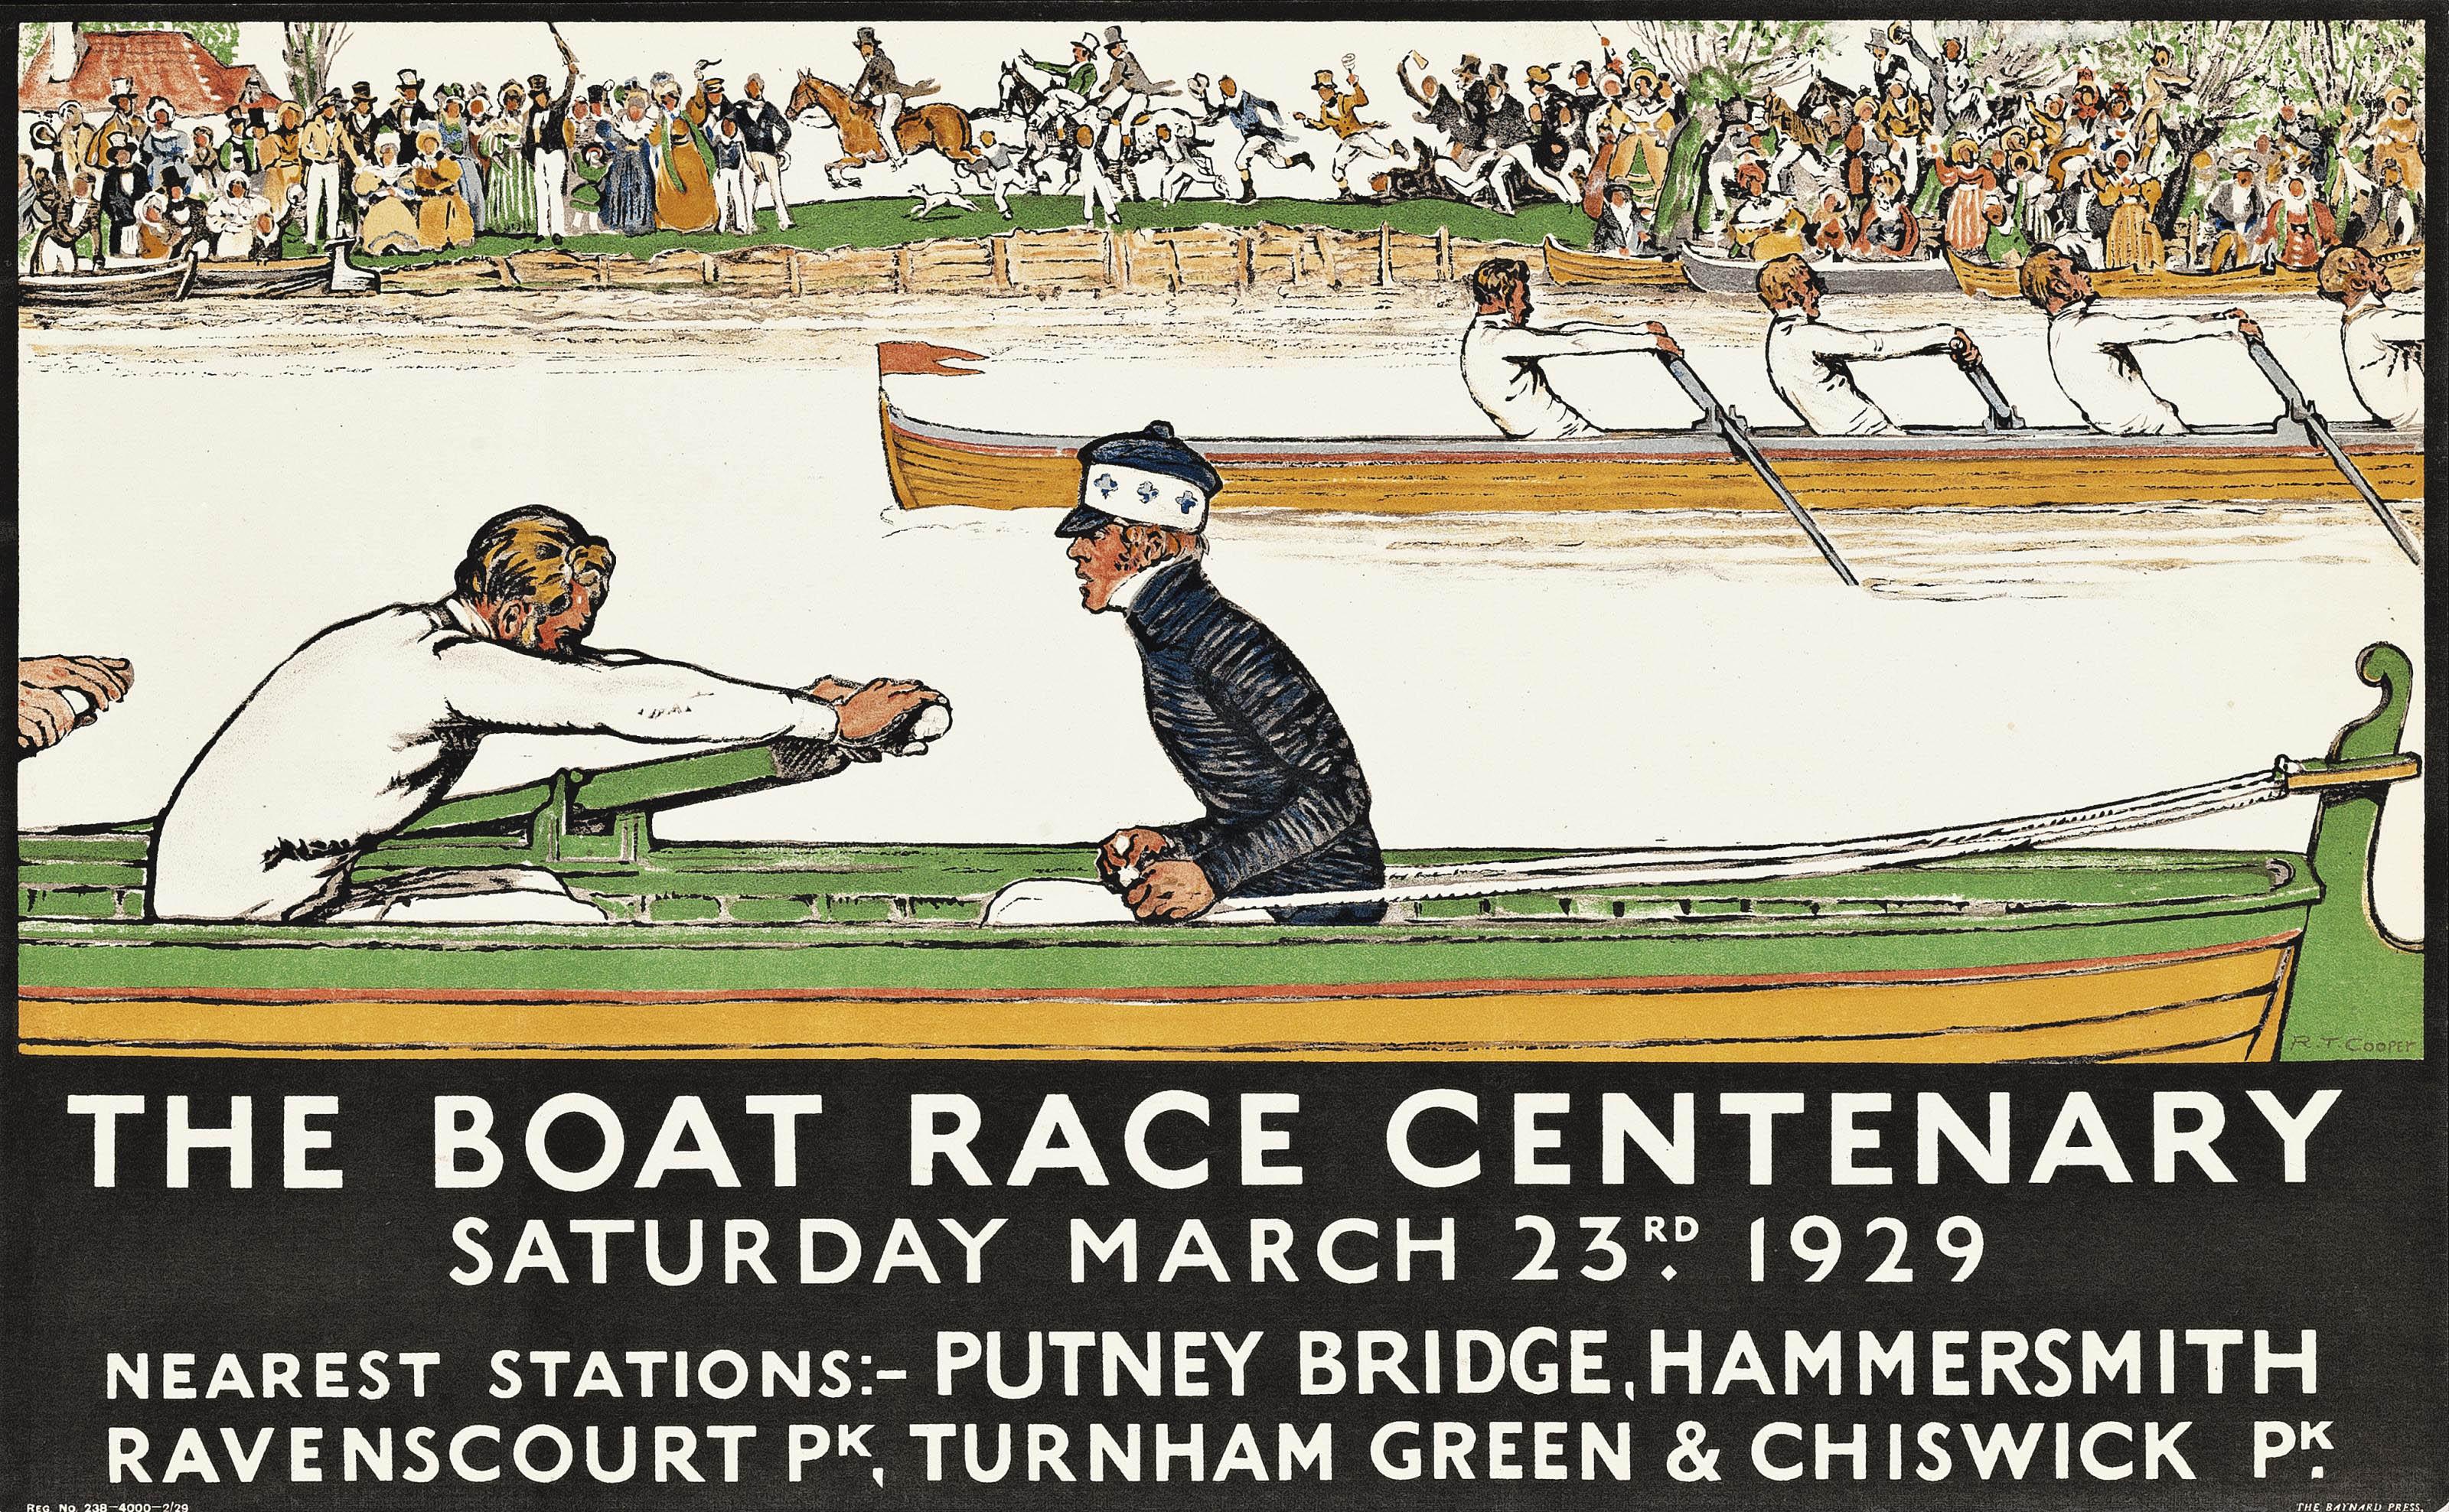 THE BOAT RACE CENTENARY